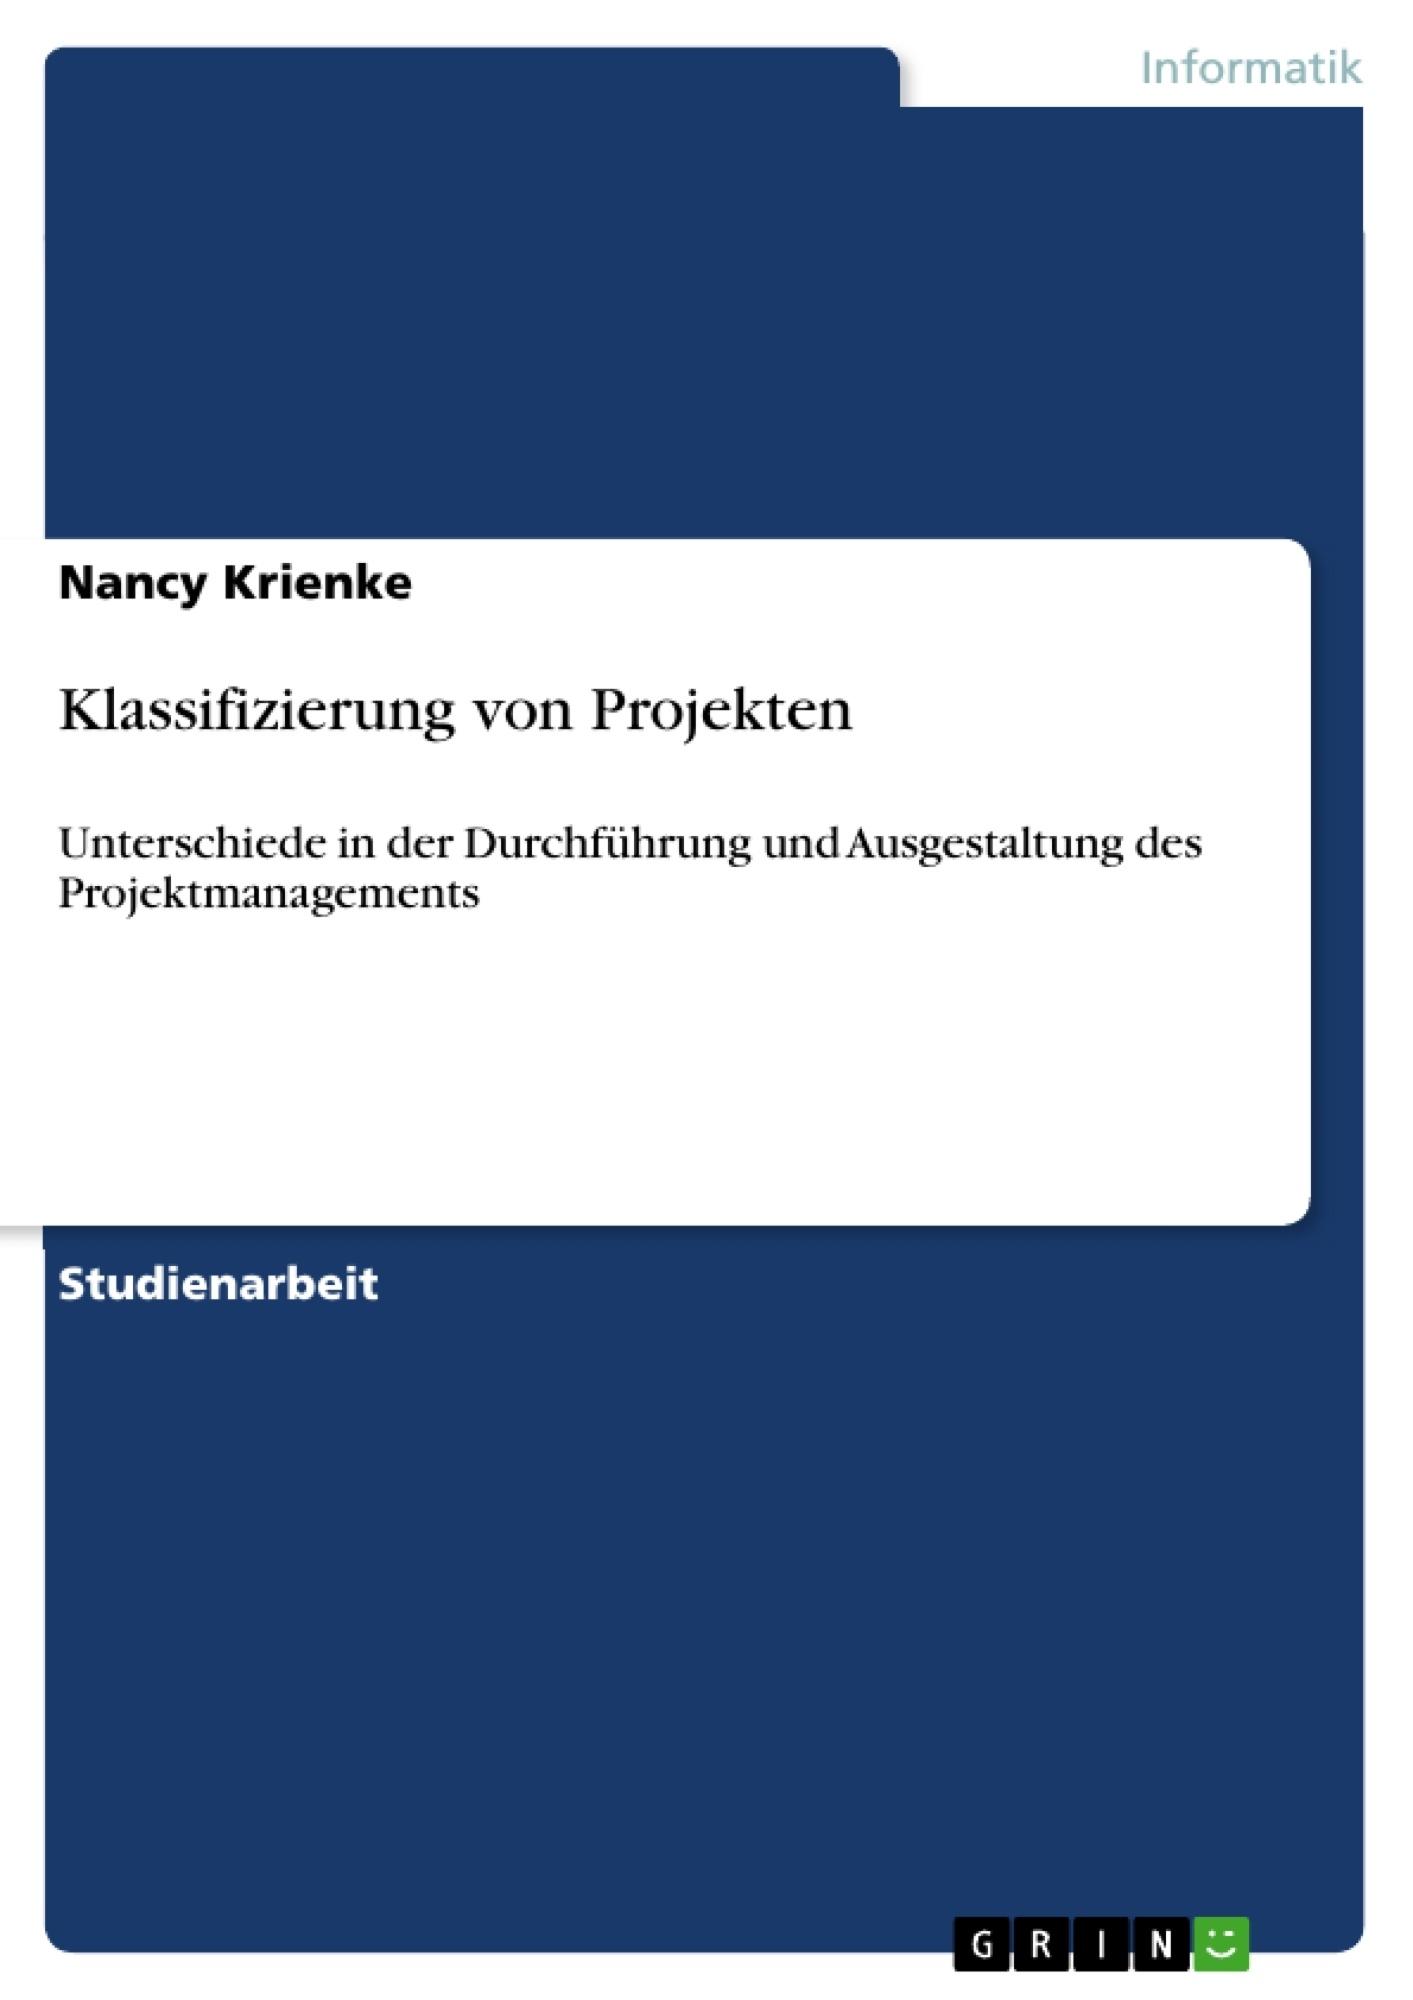 Klassifizierung von Projekten | Masterarbeit, Hausarbeit ...